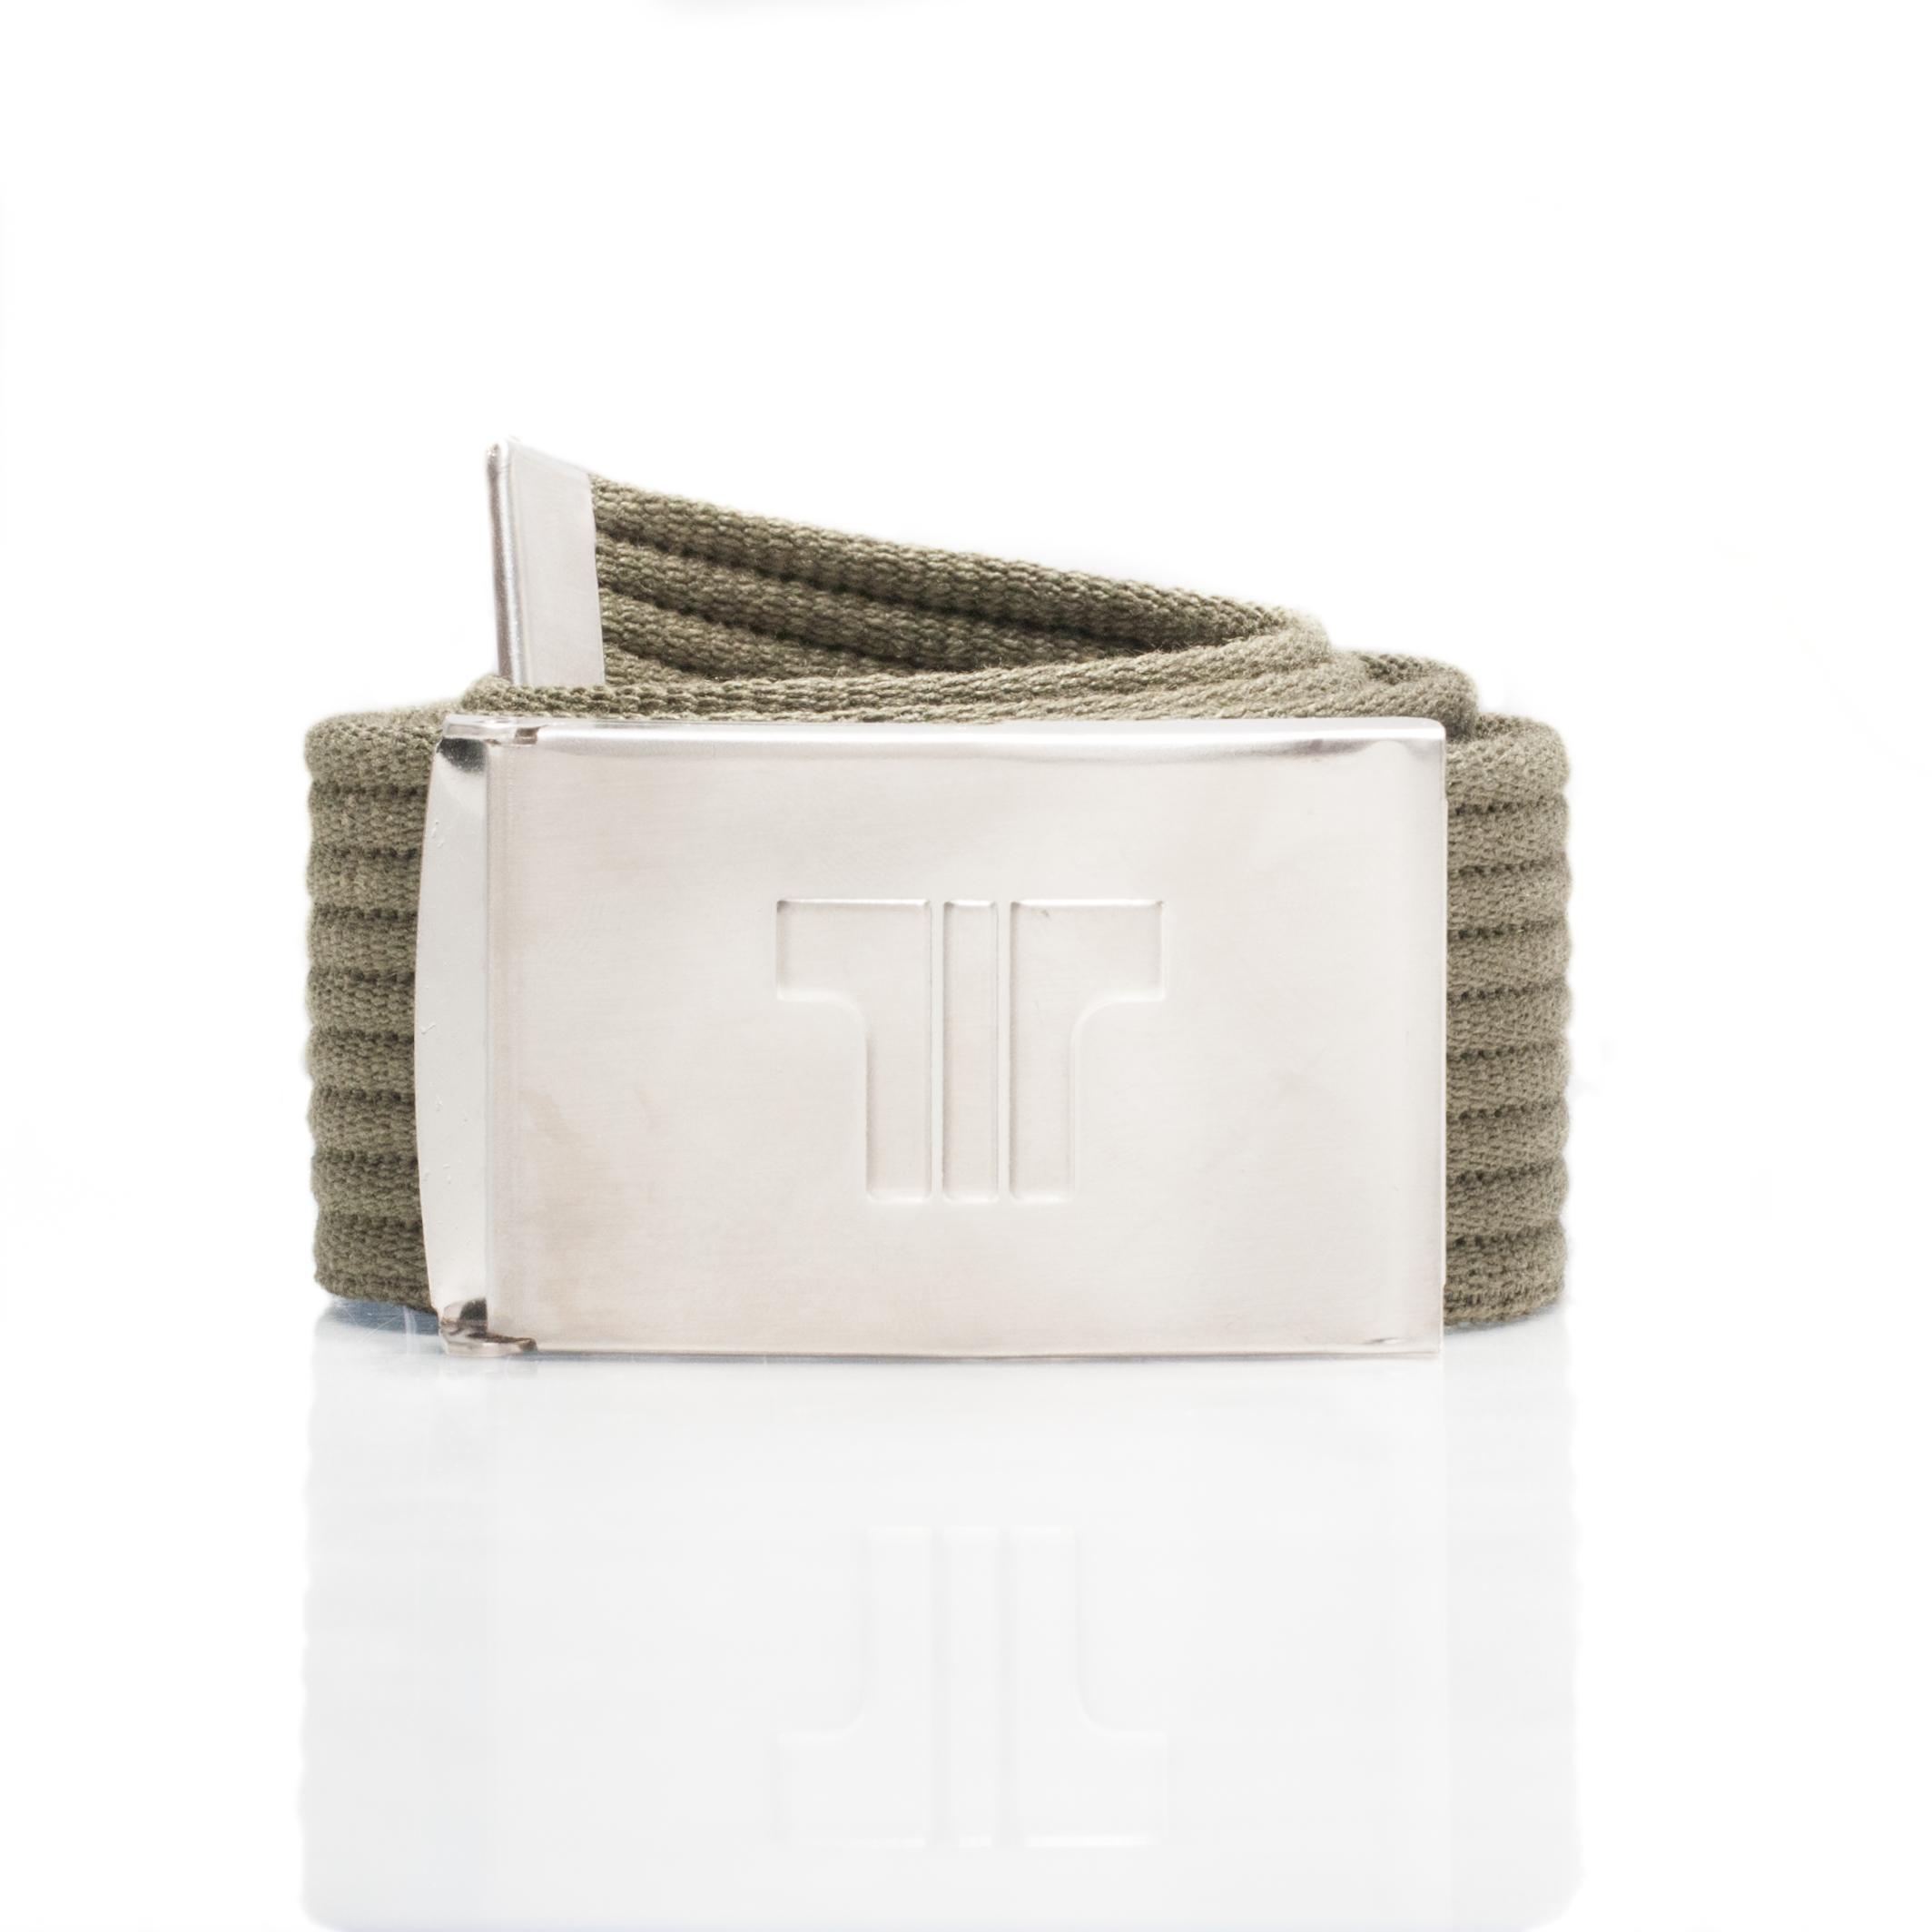 Tisza shoes - Belt - Khaki